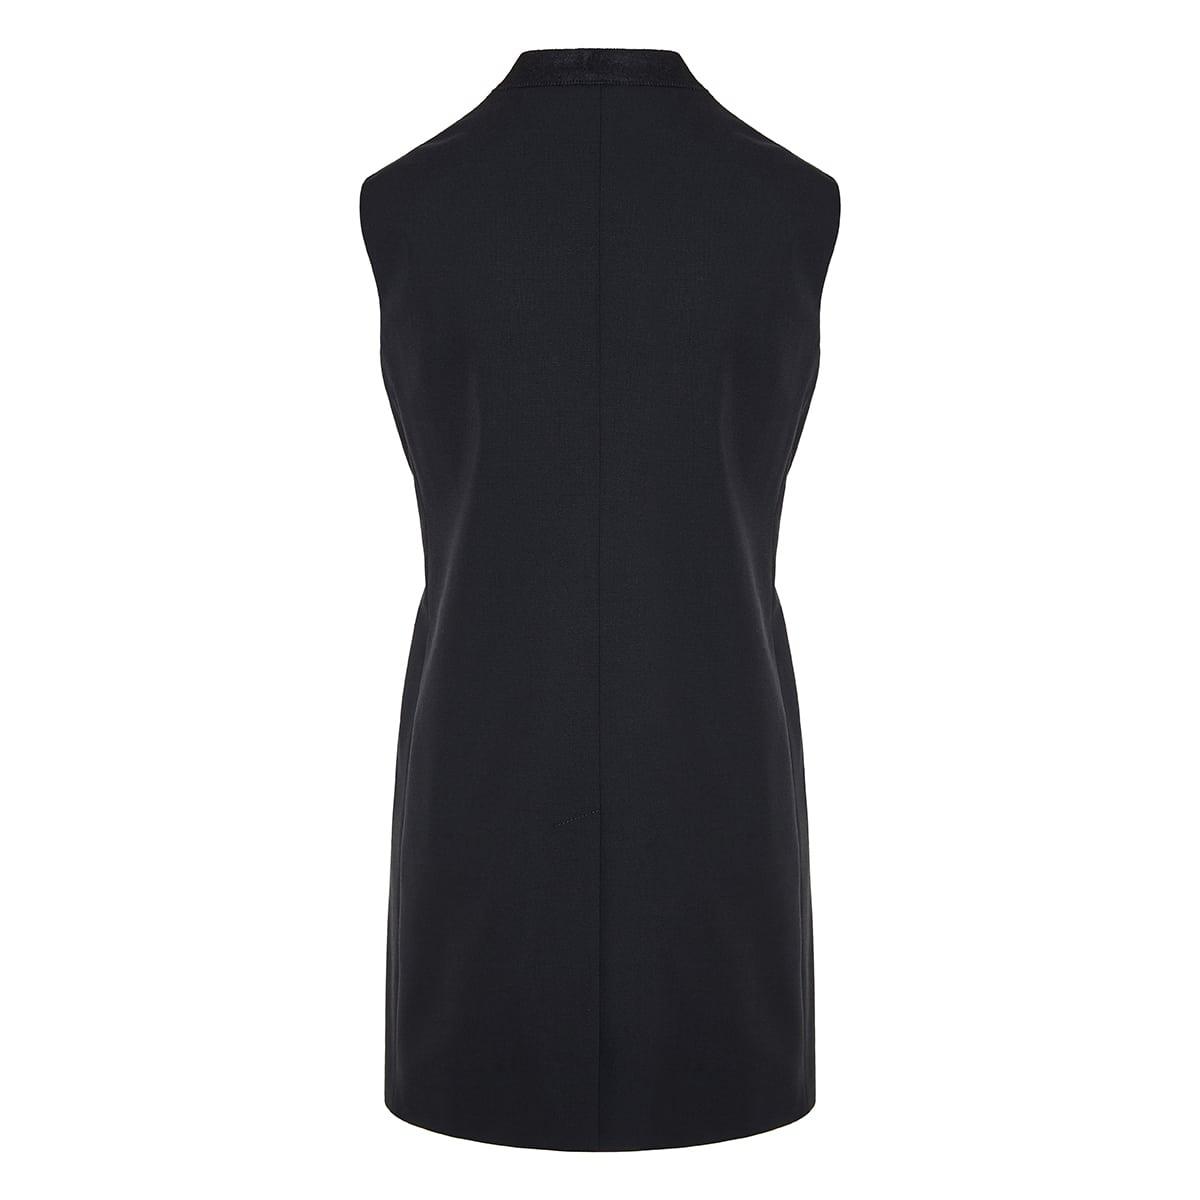 Chain-embellished sleeveless blazer